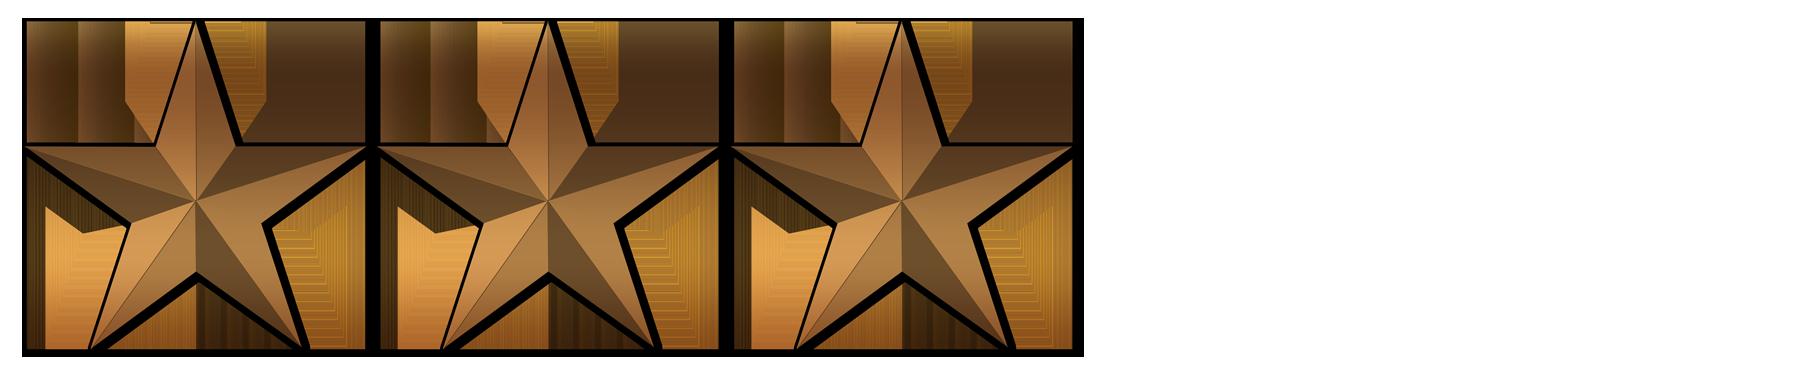 Three-Stars.png